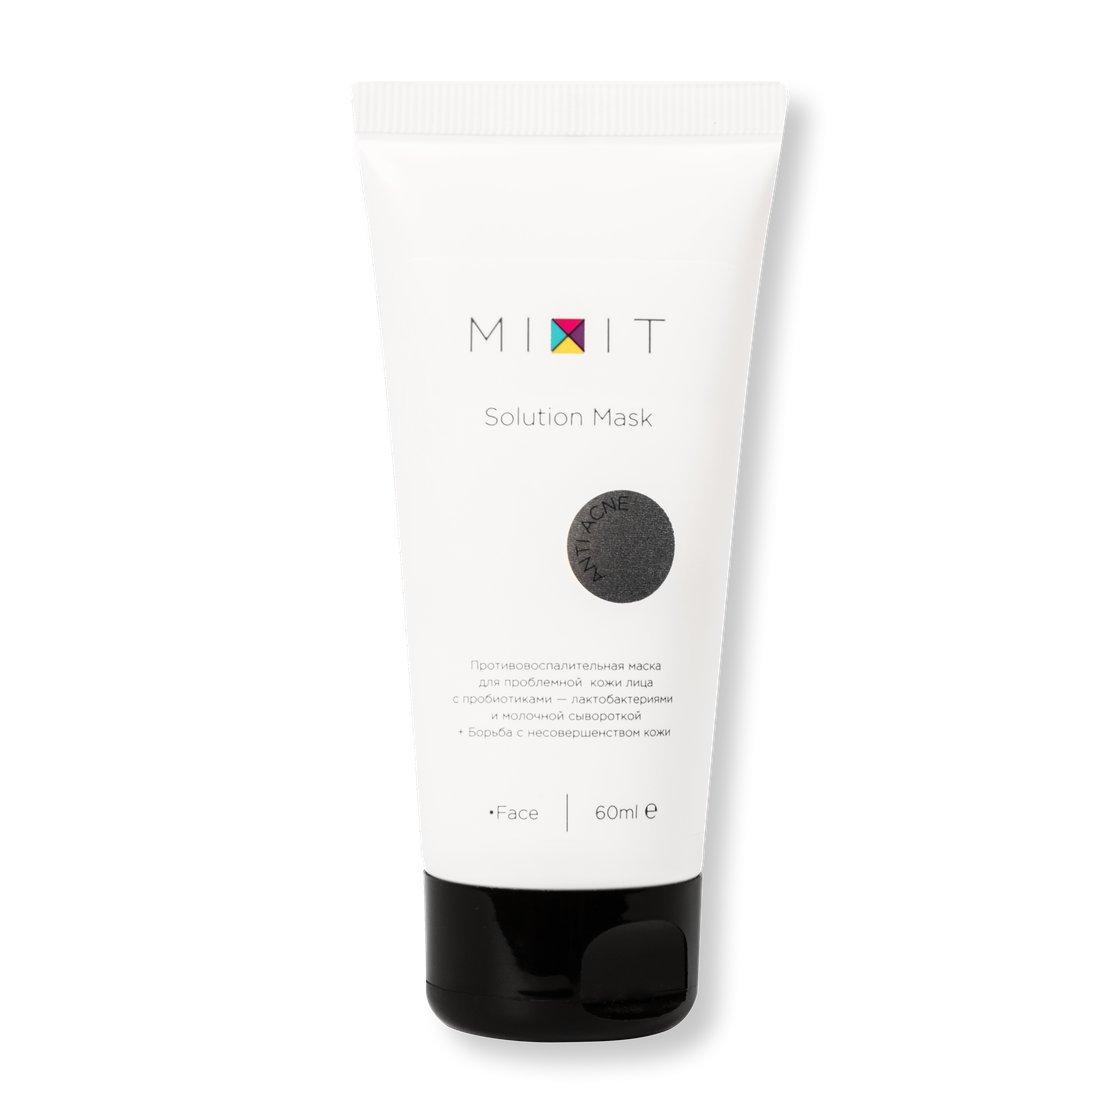 Купить Противовоспалительная маска для проблемной кожи лица, 60 мл, Mixit